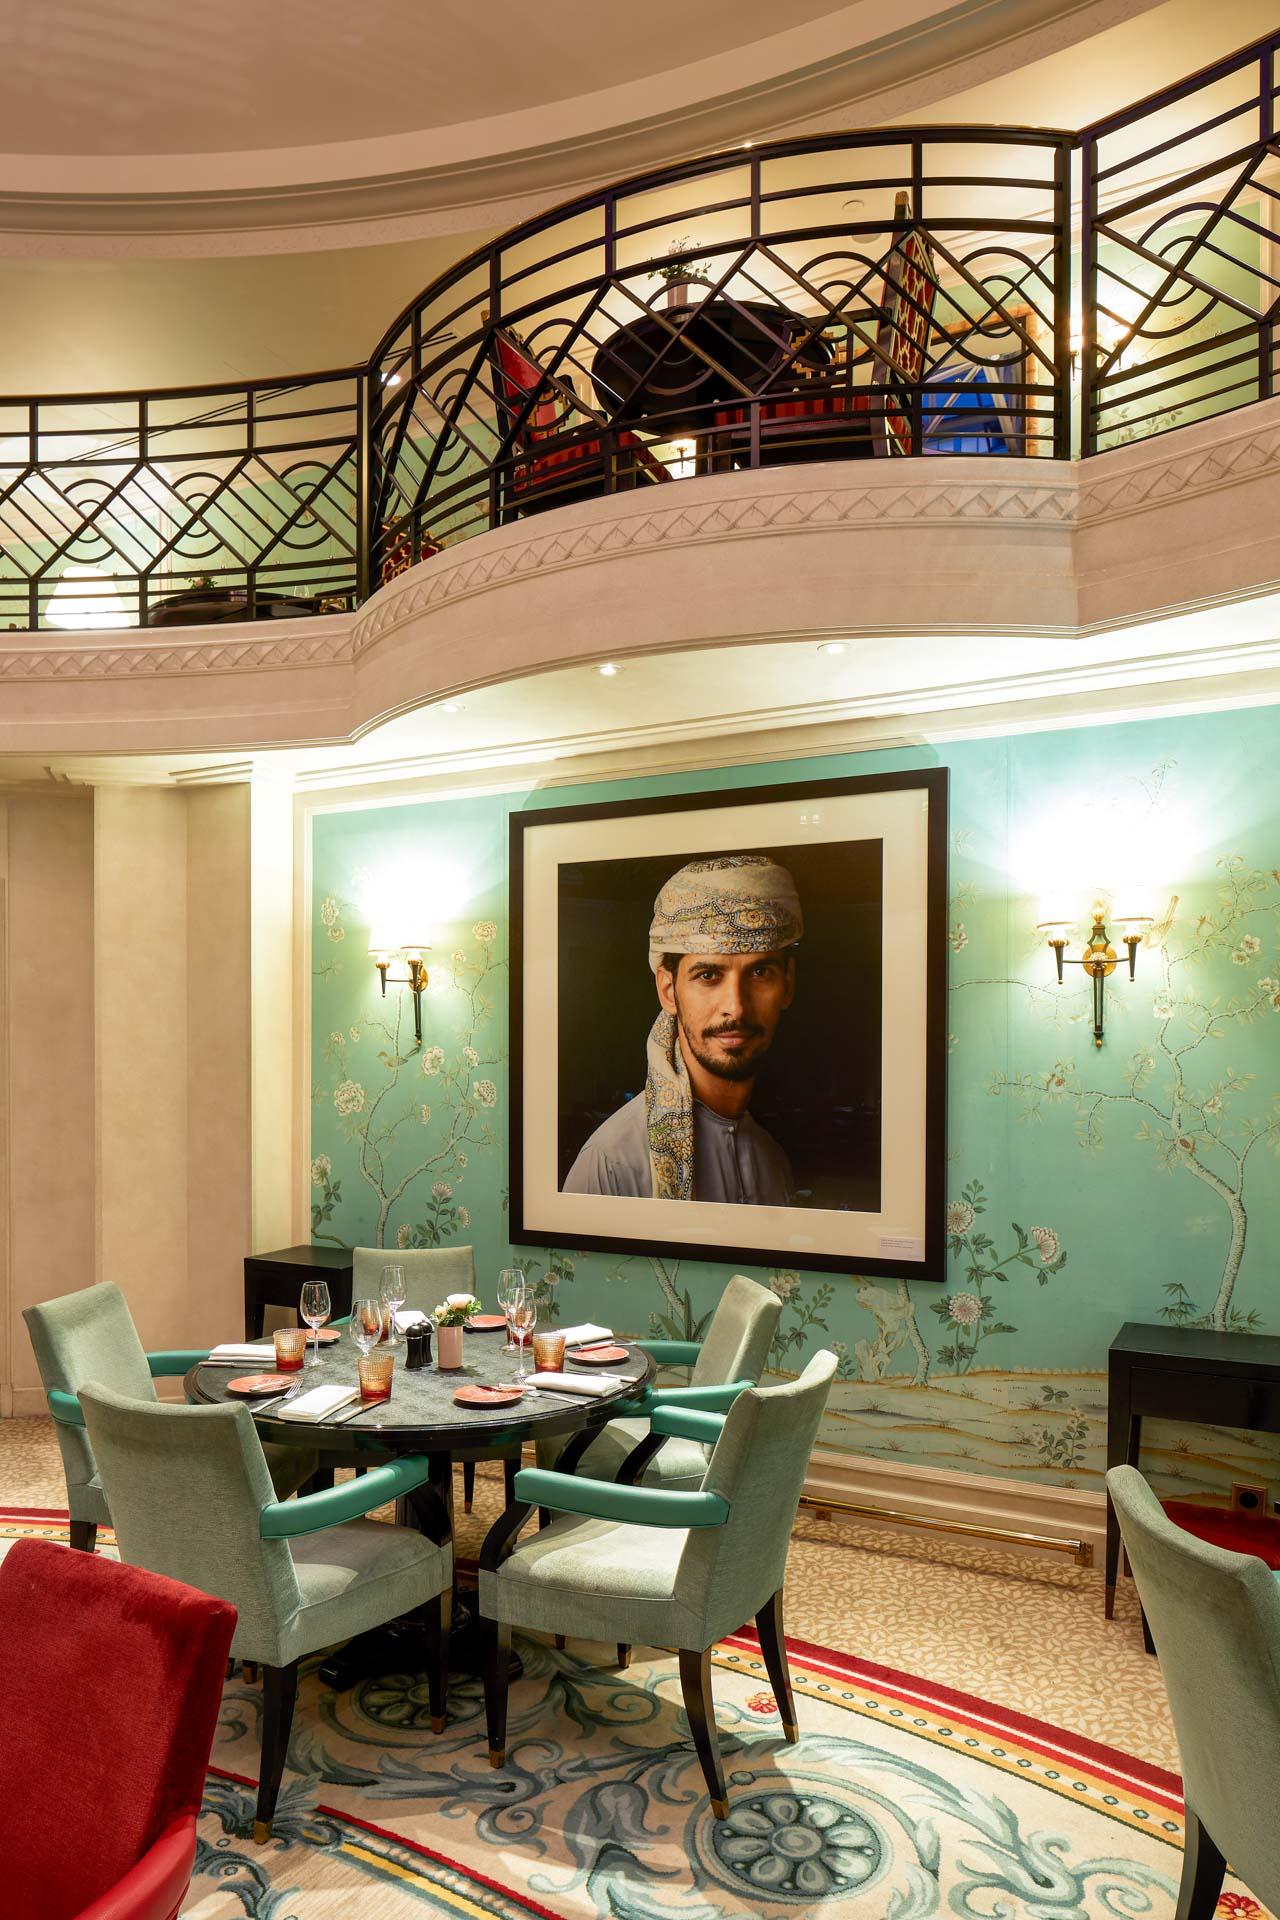 10117-shangri-la-restaurant-oman-cote